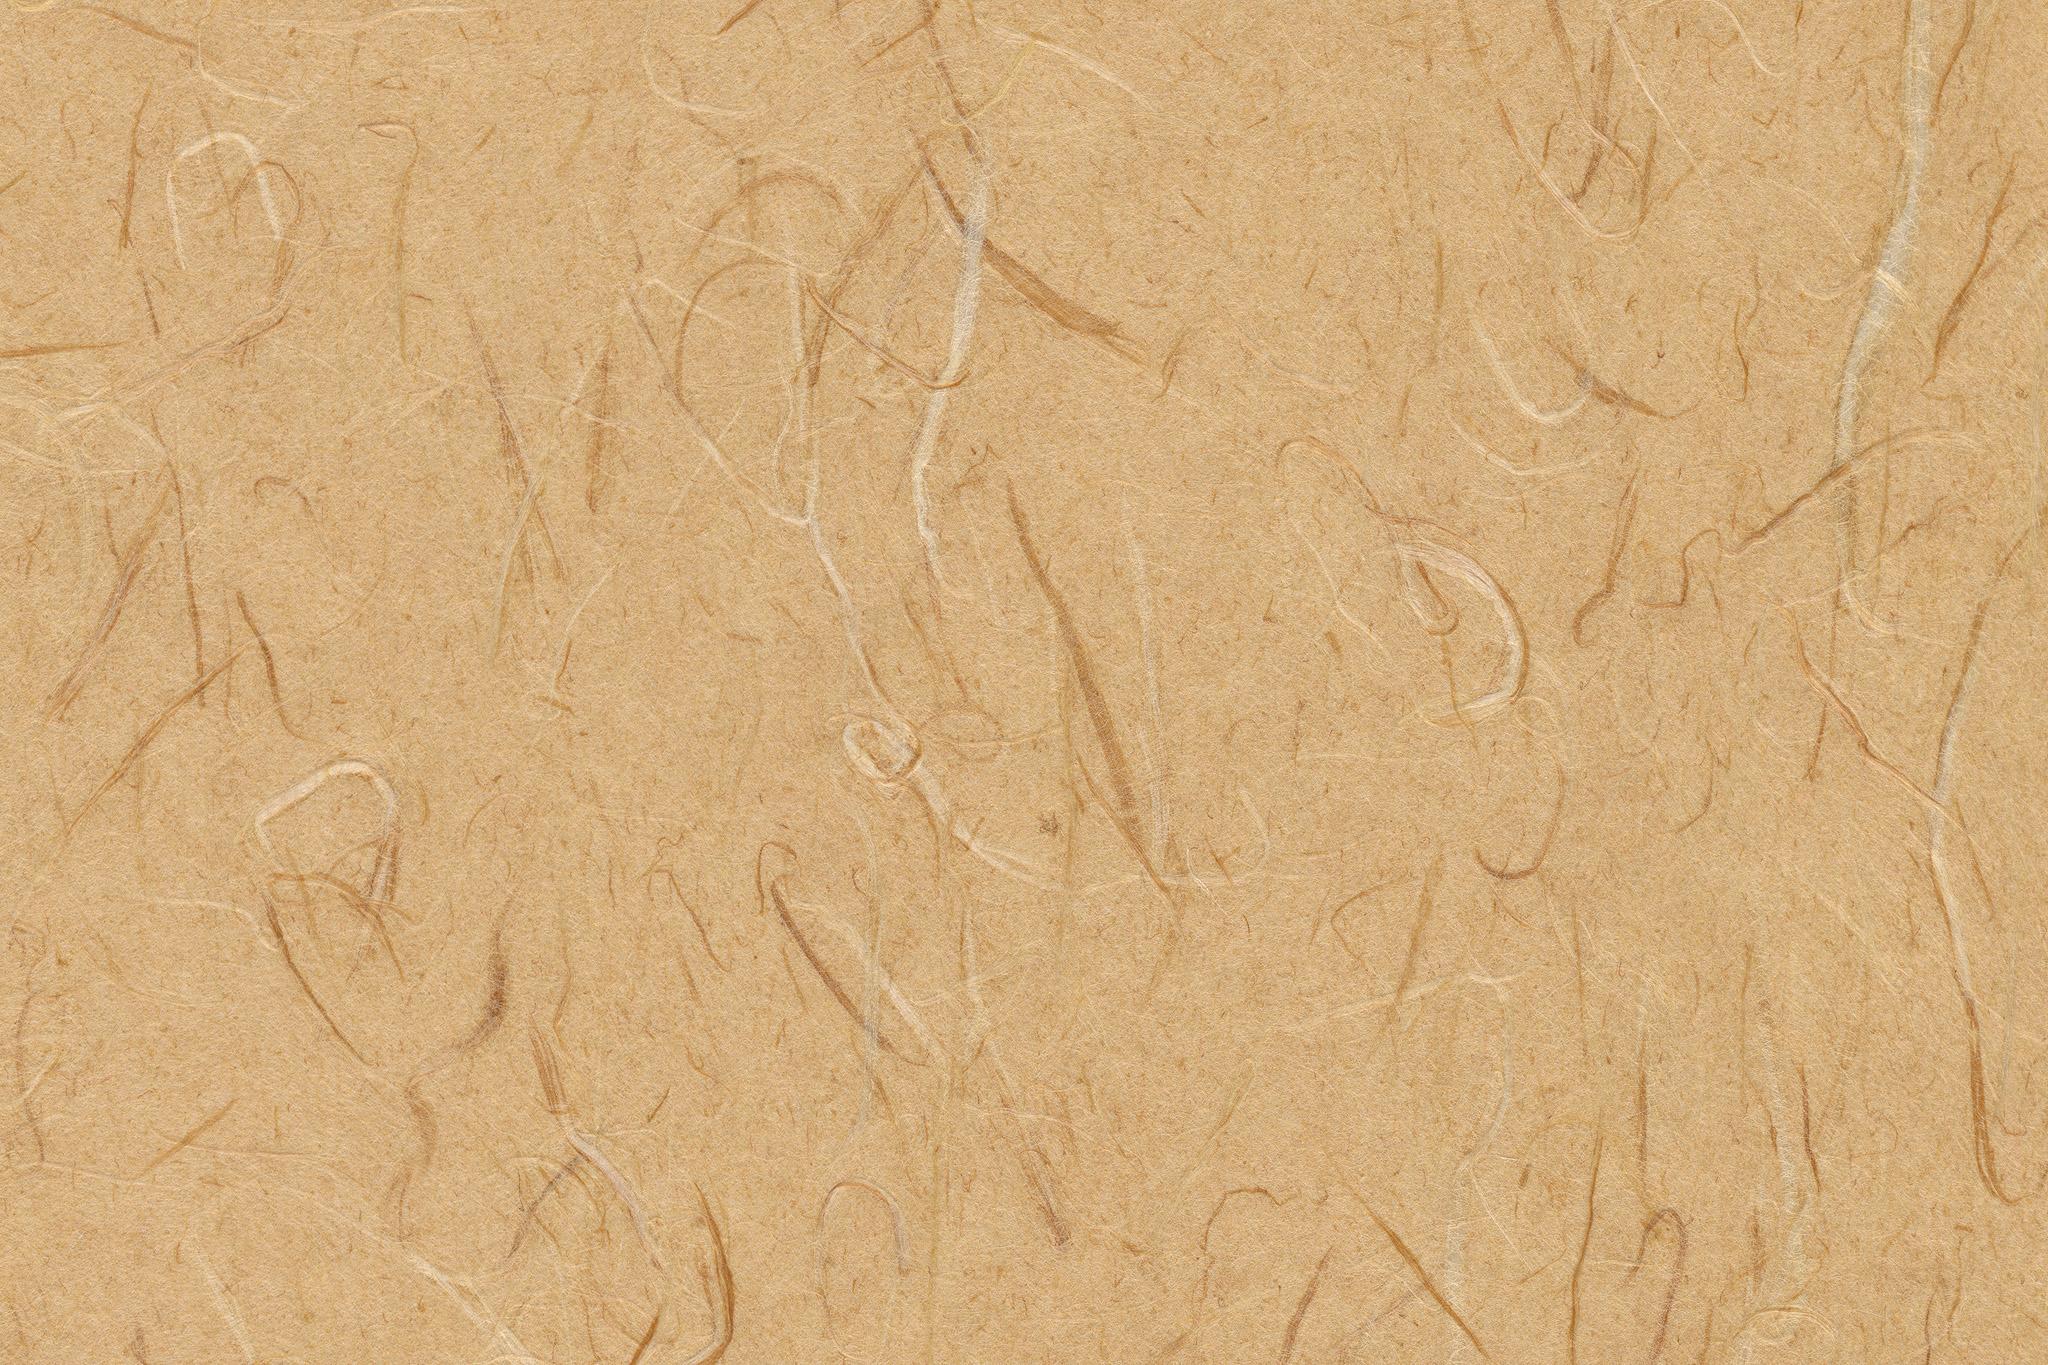 「落着いた色合いの丁子染の和紙」の背景を無料ダウンロード